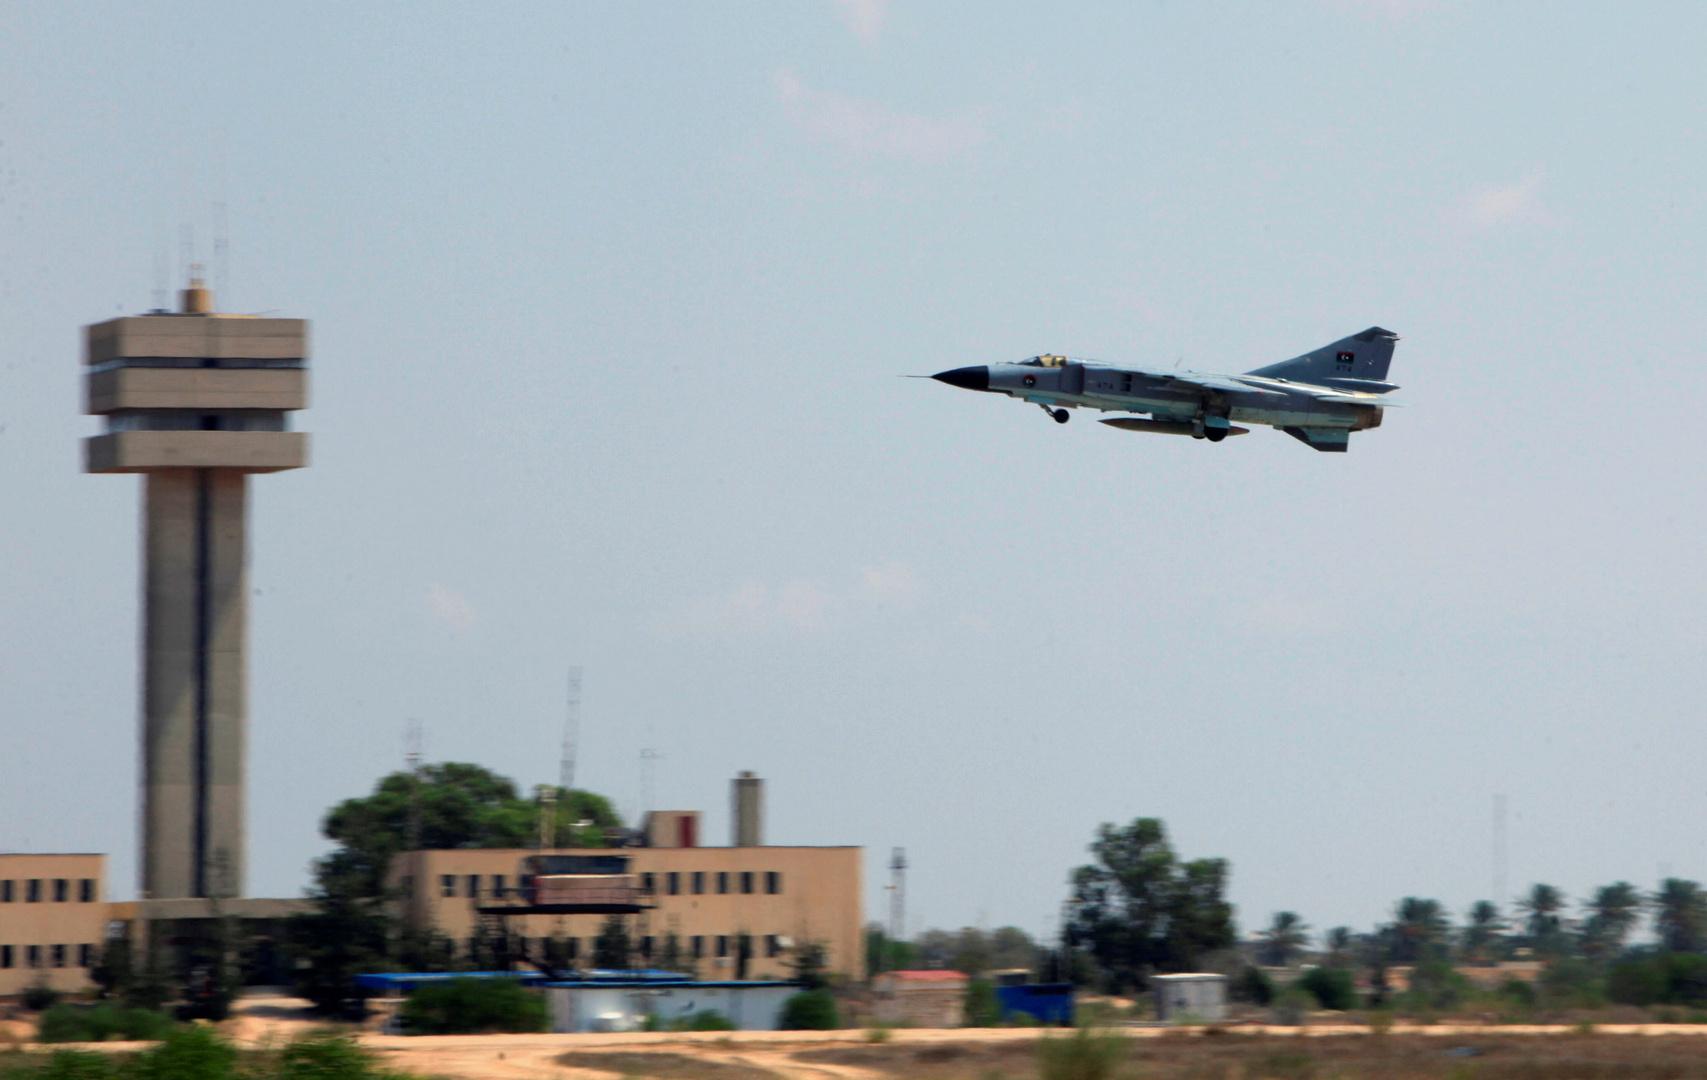 ليبيا.. قوات حكومة الوفاق تسيطر على قاعدة الوطية الجوية